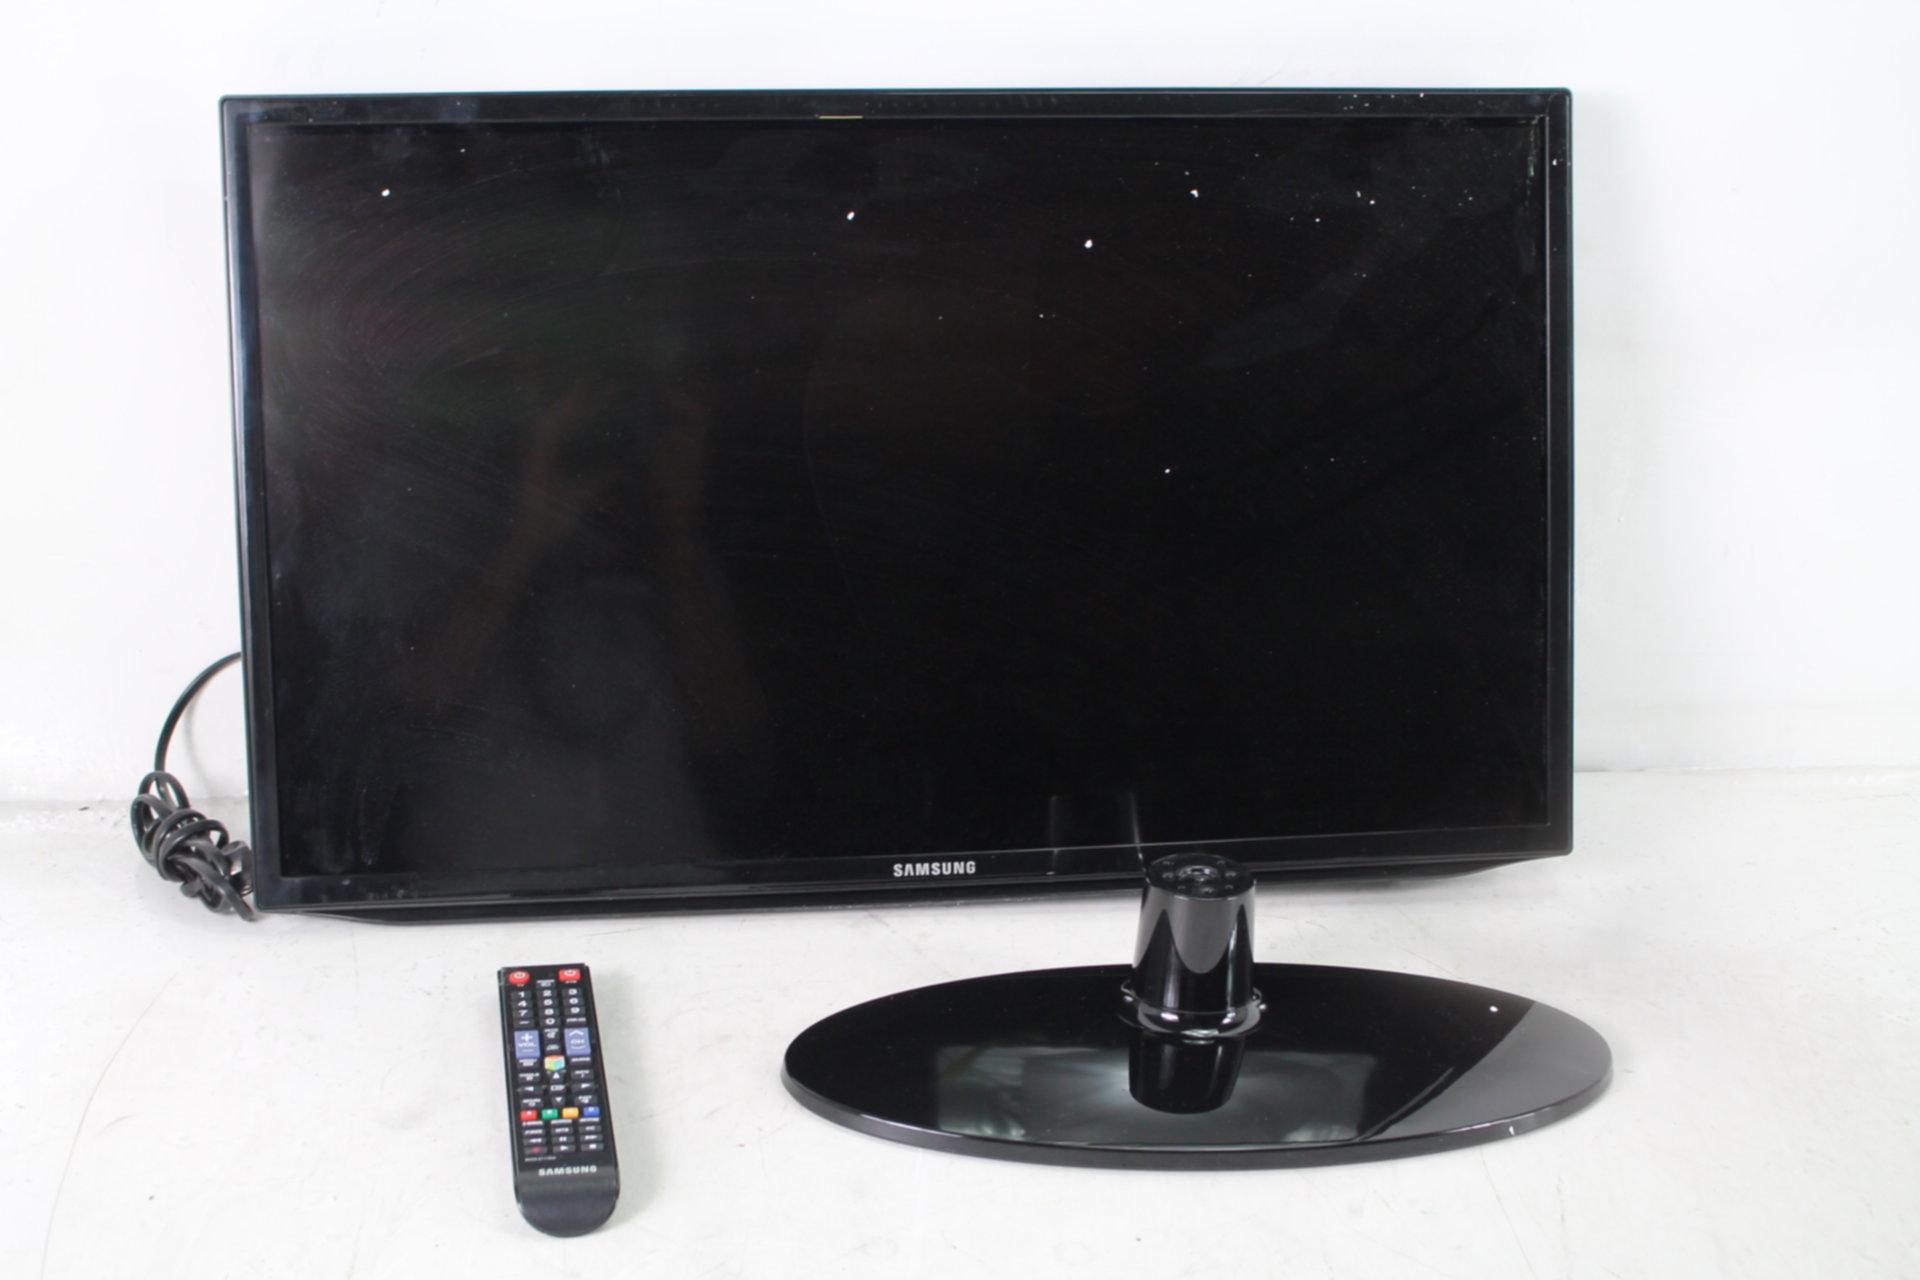 samsung 32h5203 32 inch 1080p smart led tv 2014 model for parts damaged screen ebay. Black Bedroom Furniture Sets. Home Design Ideas